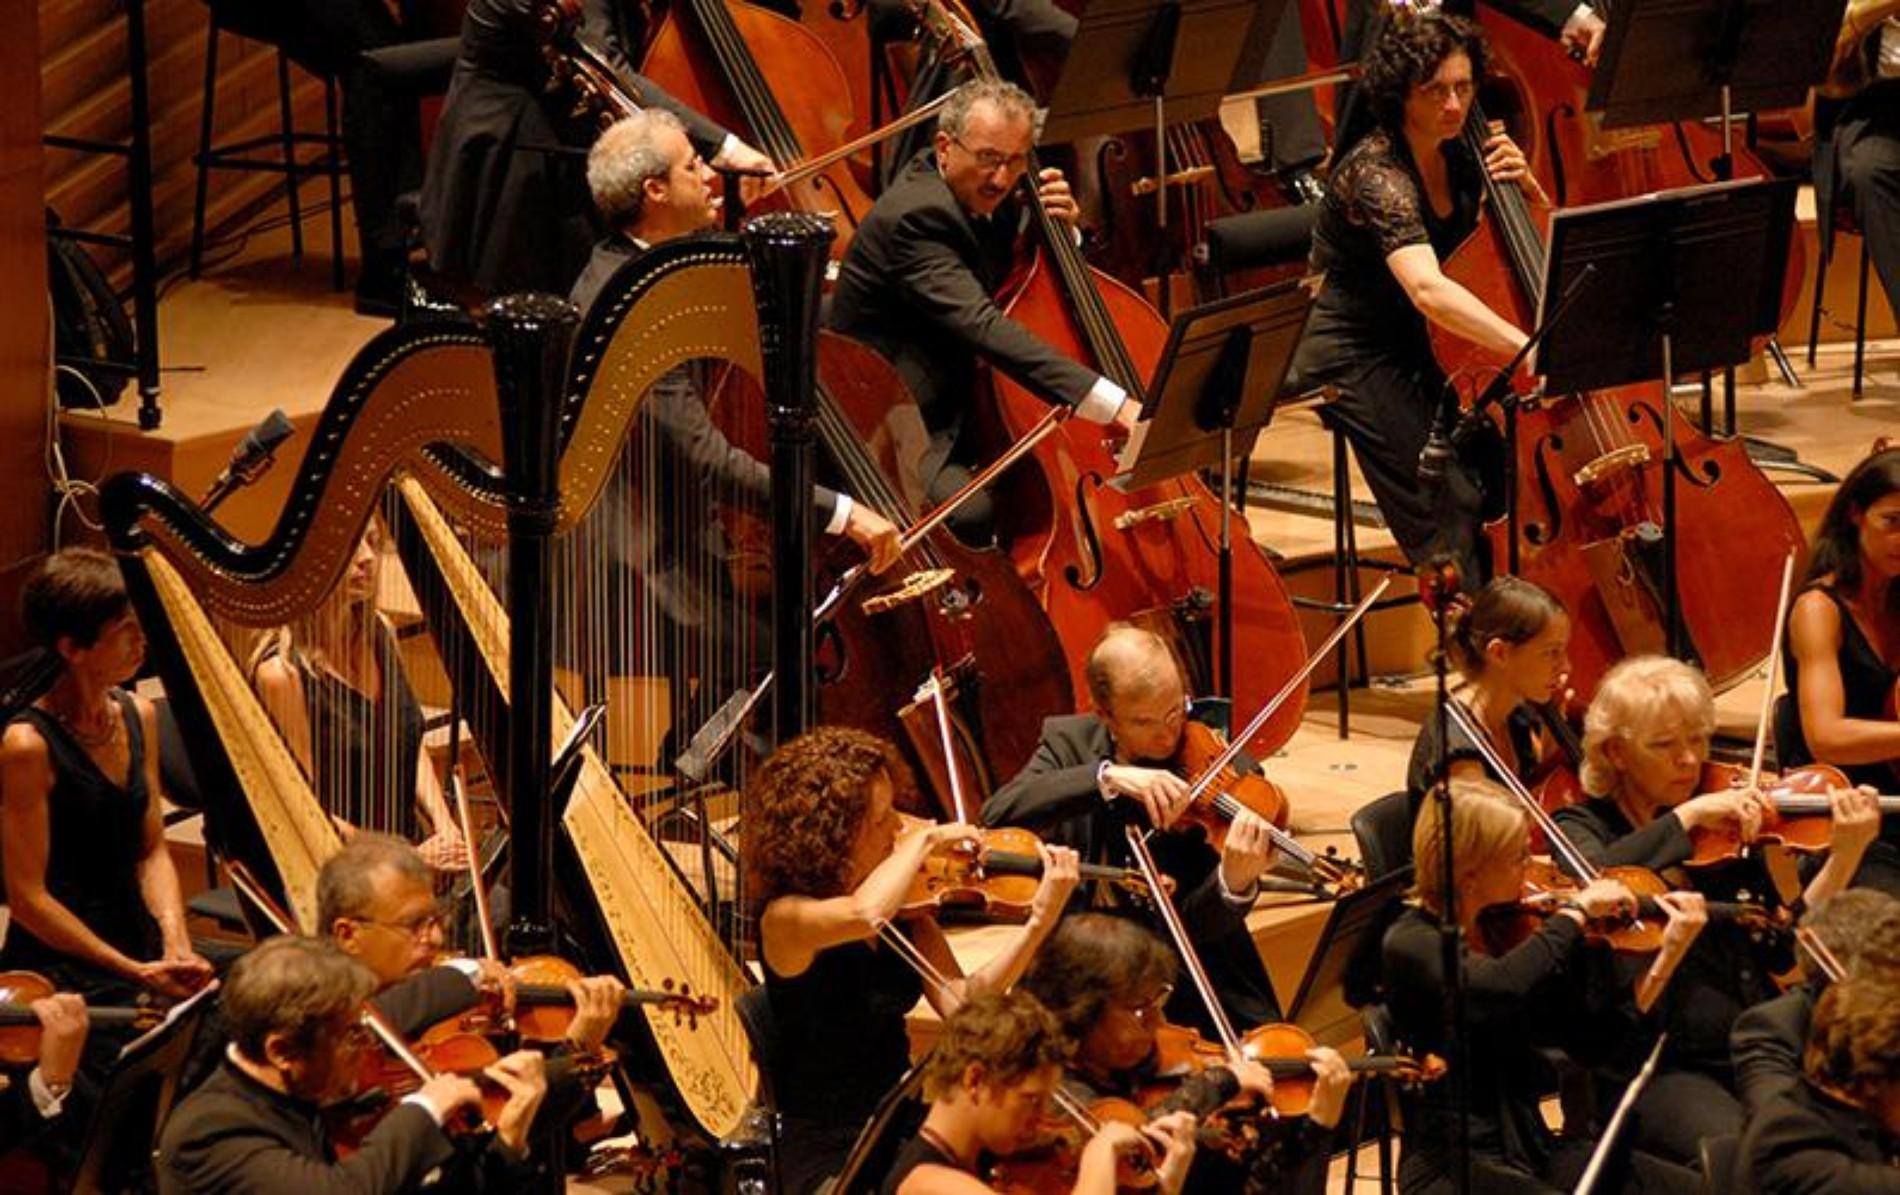 Empresa de Música clásica, Ópera y Coros en A Coruña Mijail Moriatov